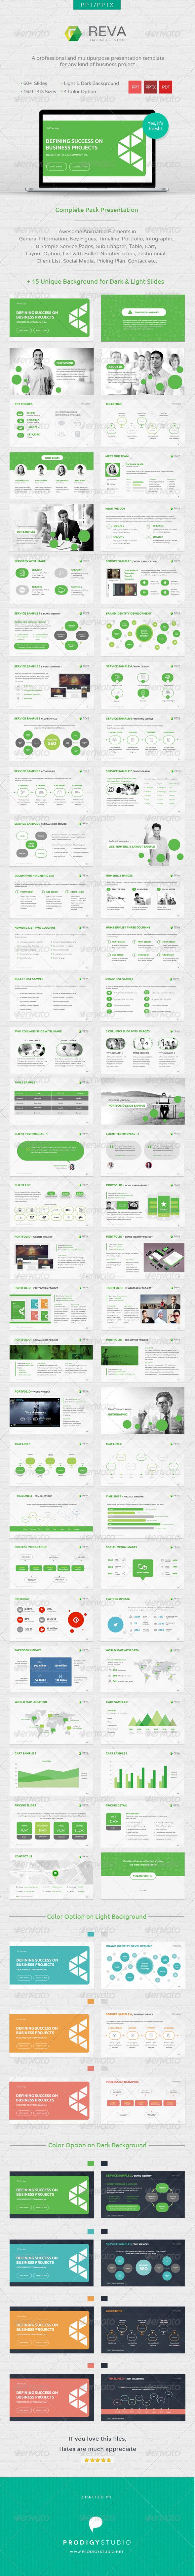 GraphicRiver Reva Multi Purpose Presentation Template 6976012